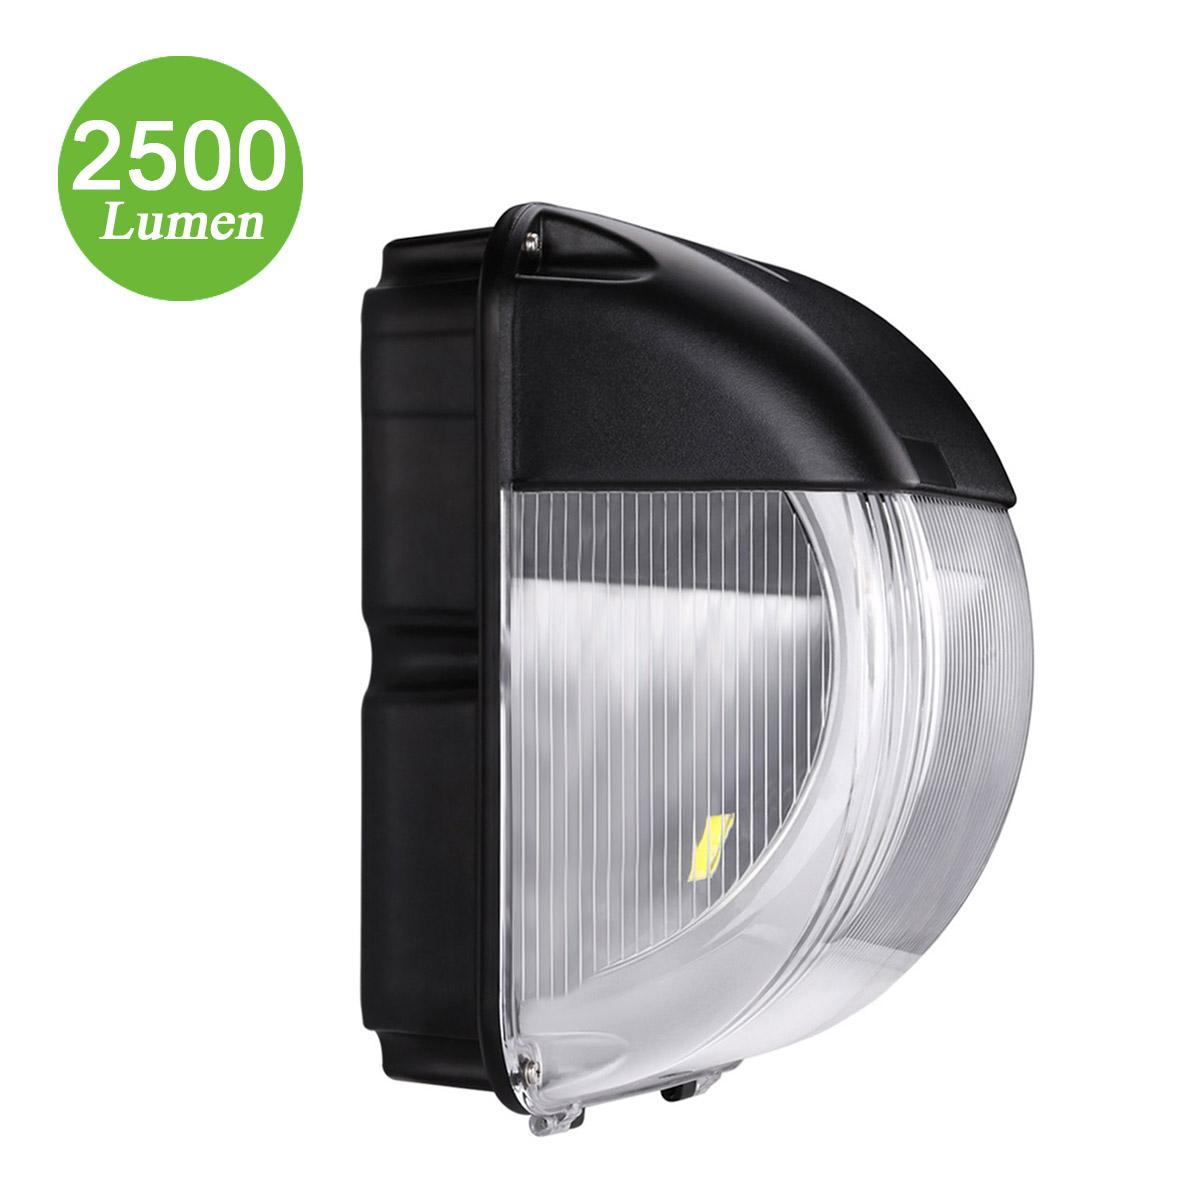 30W LED Au?enwandleuchte, 2500lm Wandleuchten, ersetzt 80W HM-Lampe, Wasserdicht, Kaltwei?